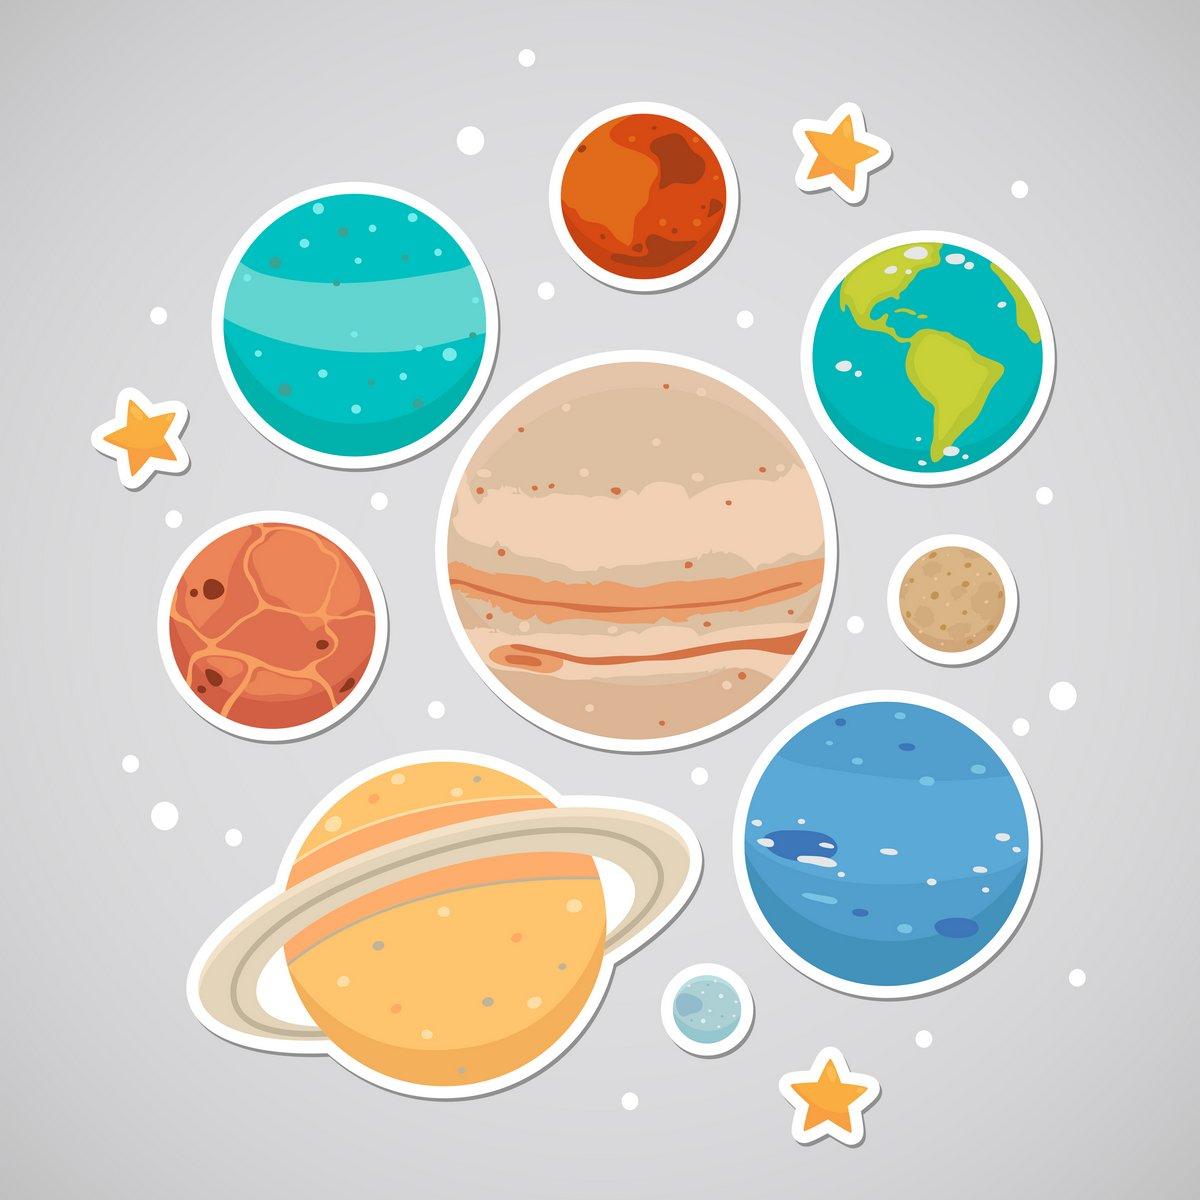 Постер Космос детям Наклейка с планетамиКосмос детям<br>Постер на холсте или бумаге. Любого нужного вам размера. В раме или без. Подвес в комплекте. Трехслойная надежная упаковка. Доставим в любую точку России. Вам осталось только повесить картину на стену!<br>